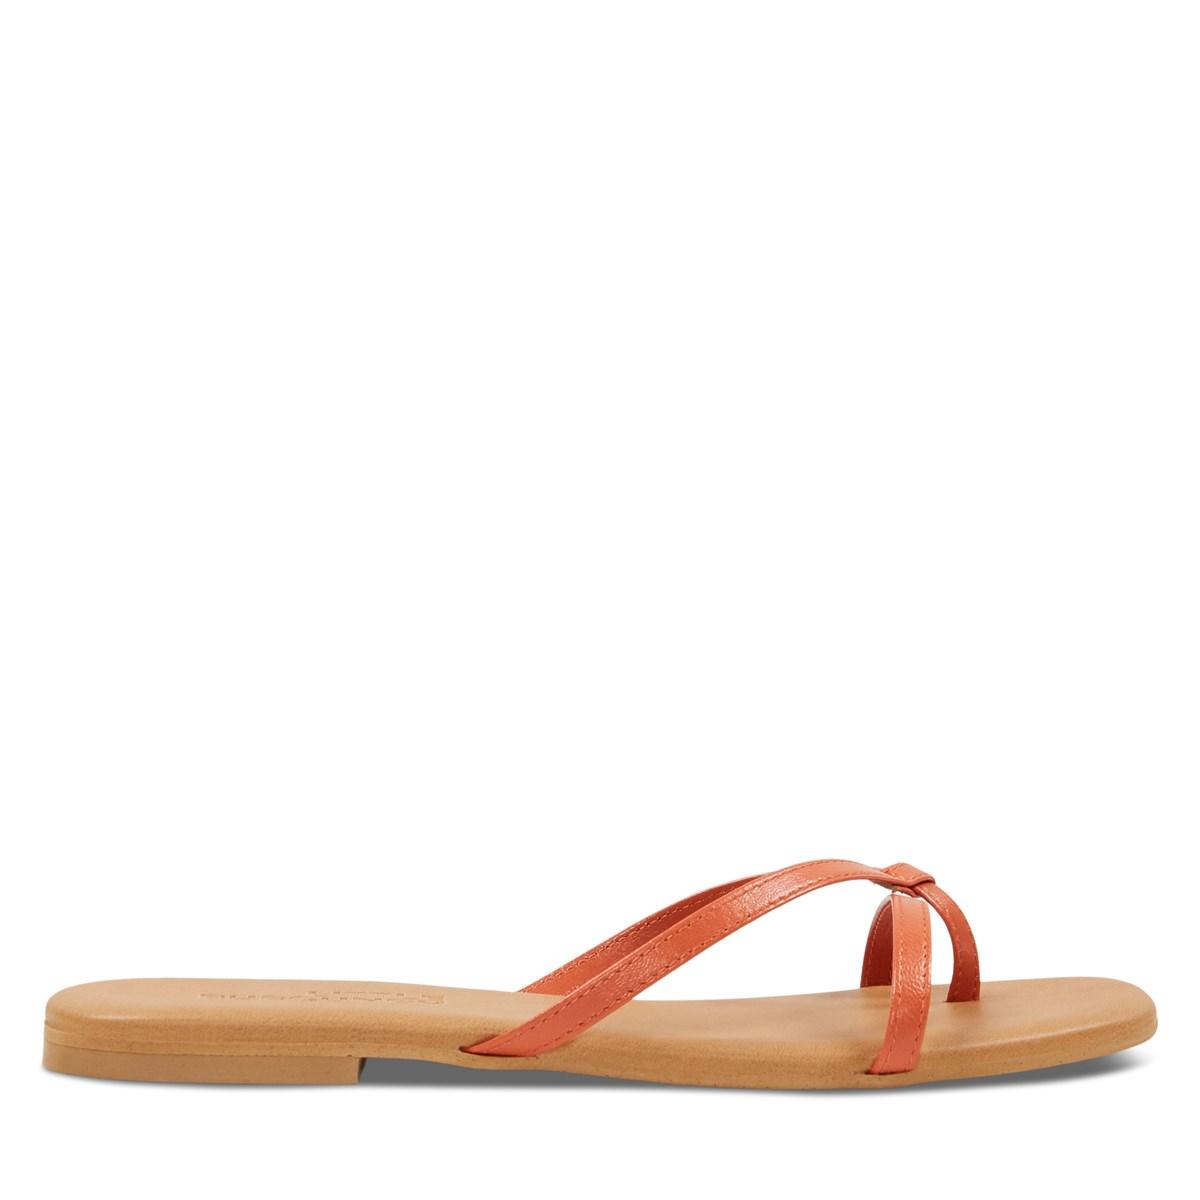 Women's Stella Slip-On Flat Sandals in Orange